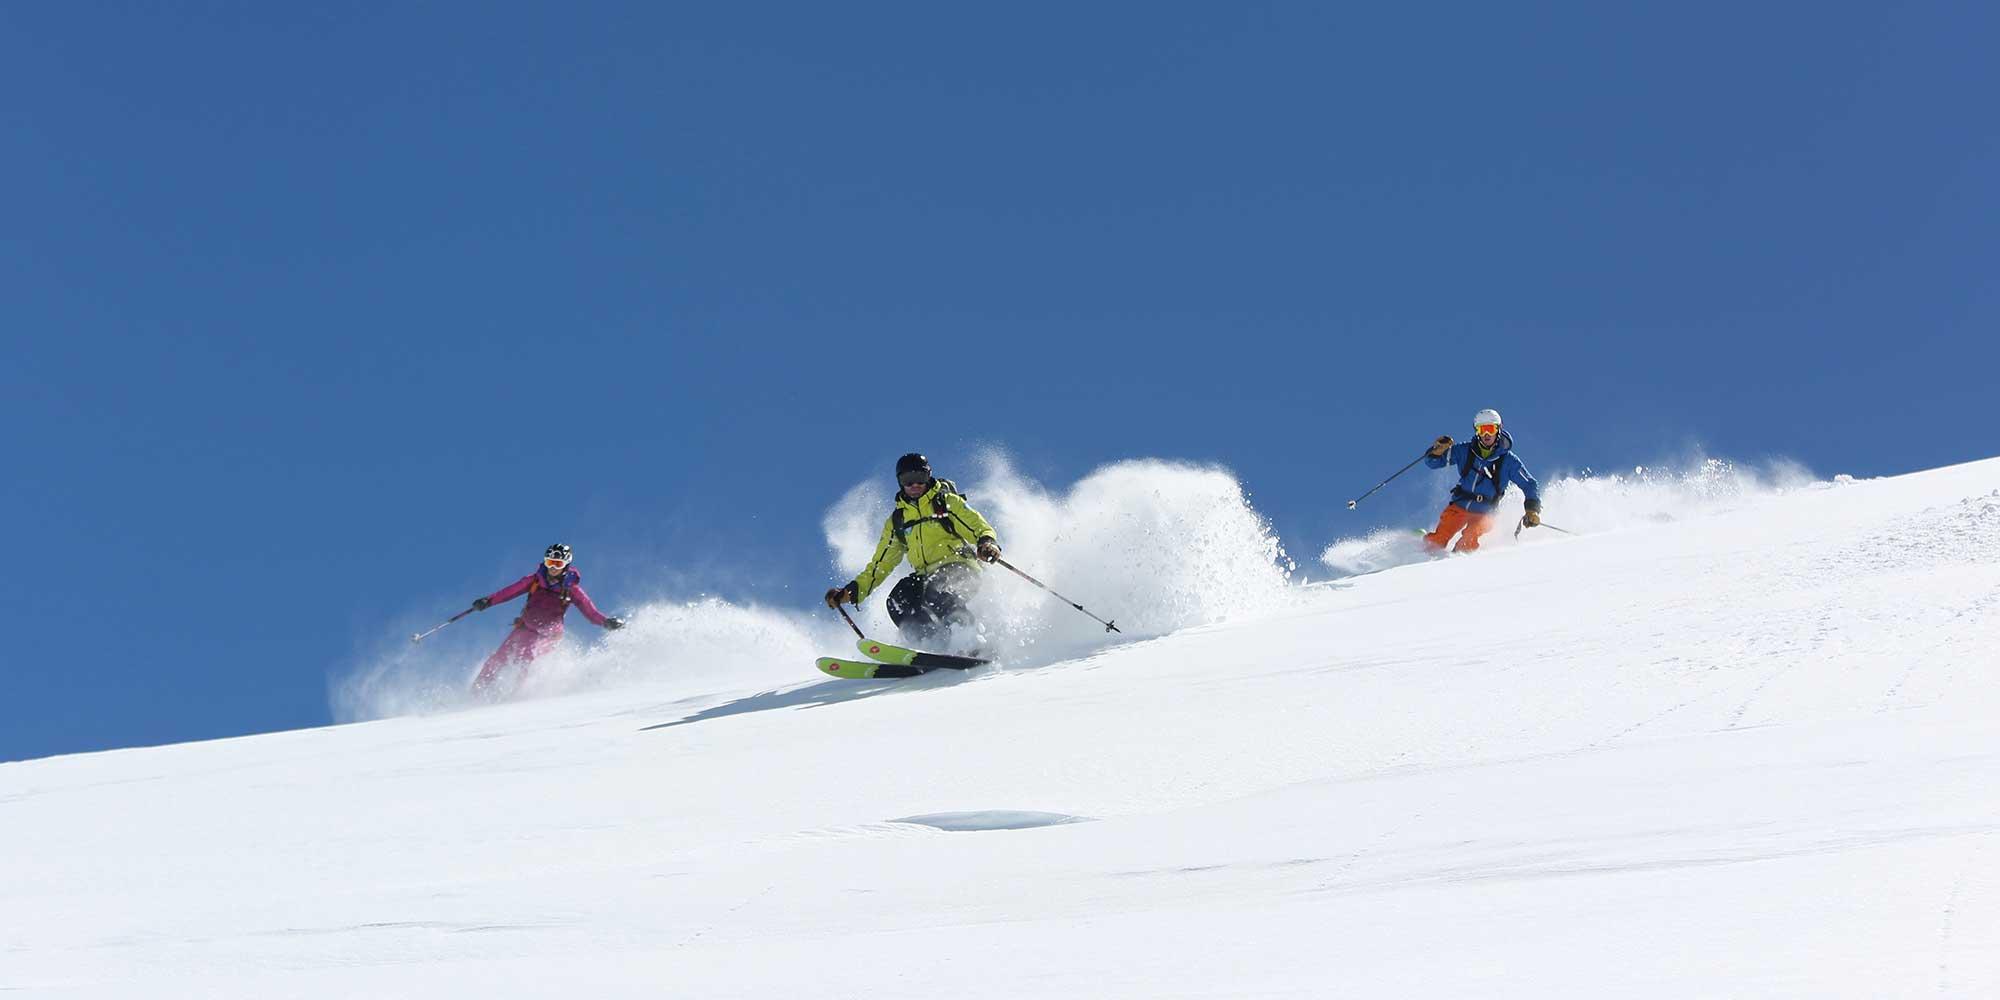 Sorties de ski en hors-piste avec accompagnateurs spécialisés